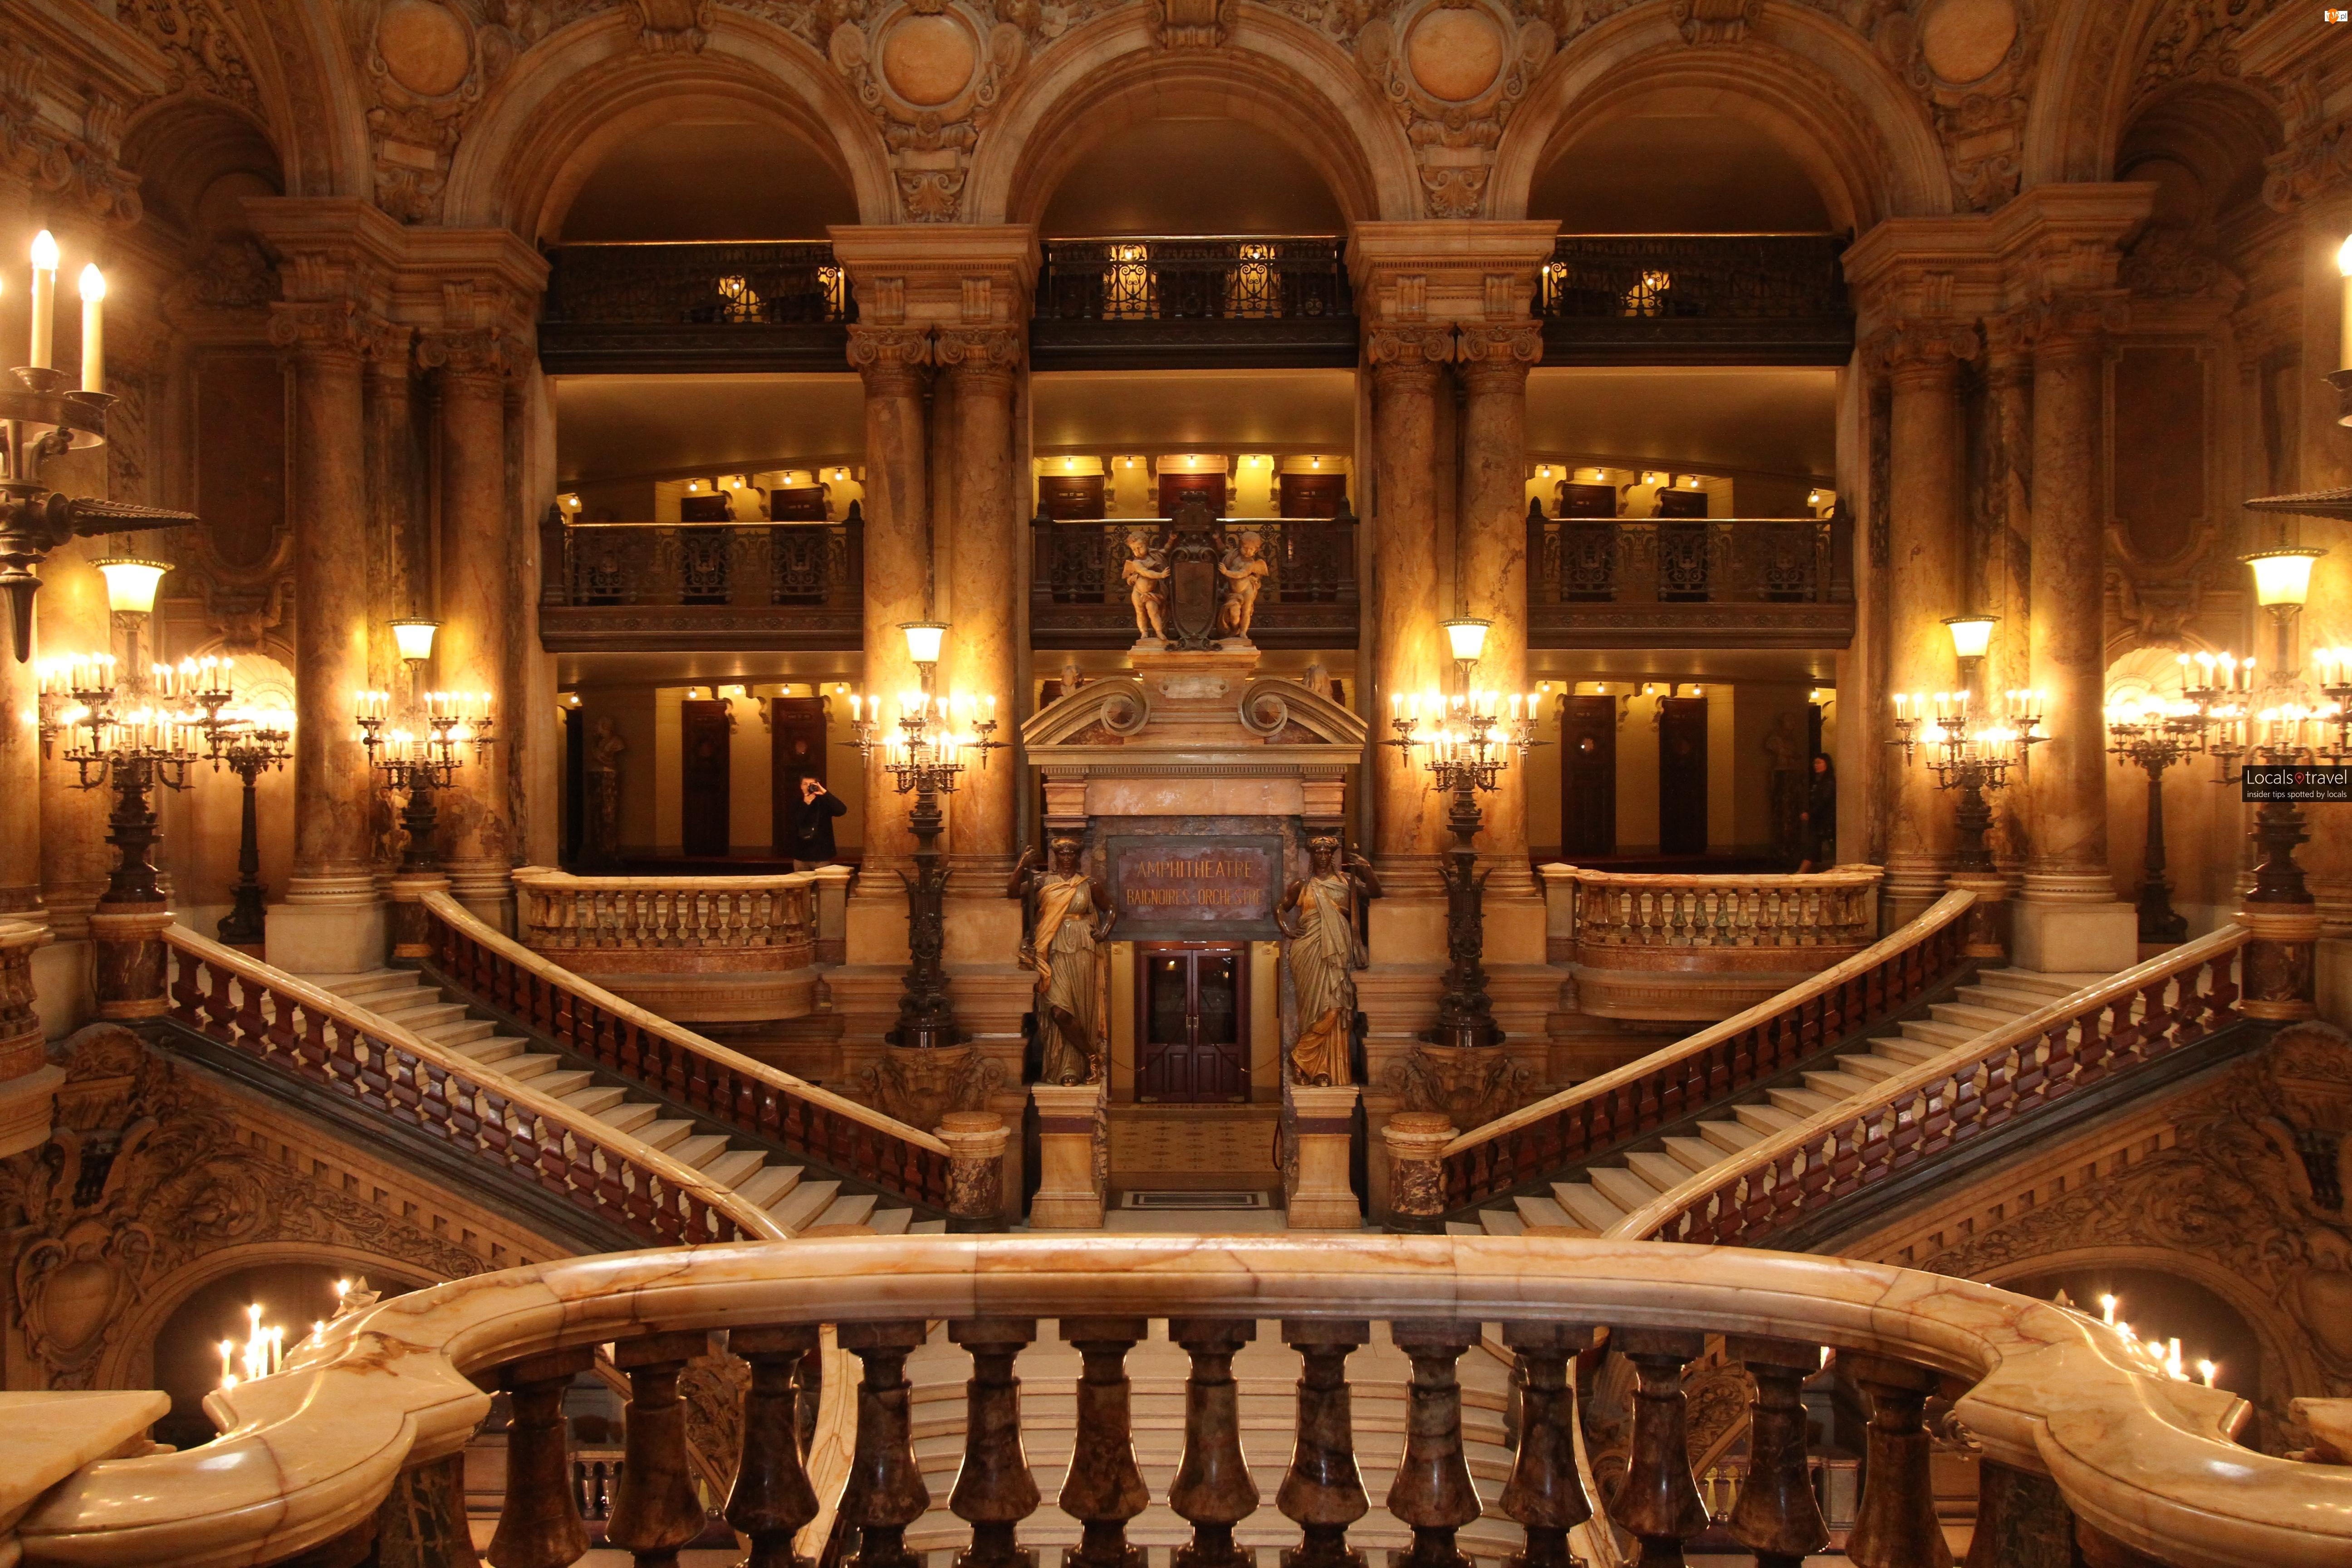 Schody, Francja, Opéra Garnier, Paryż, Wnętrze